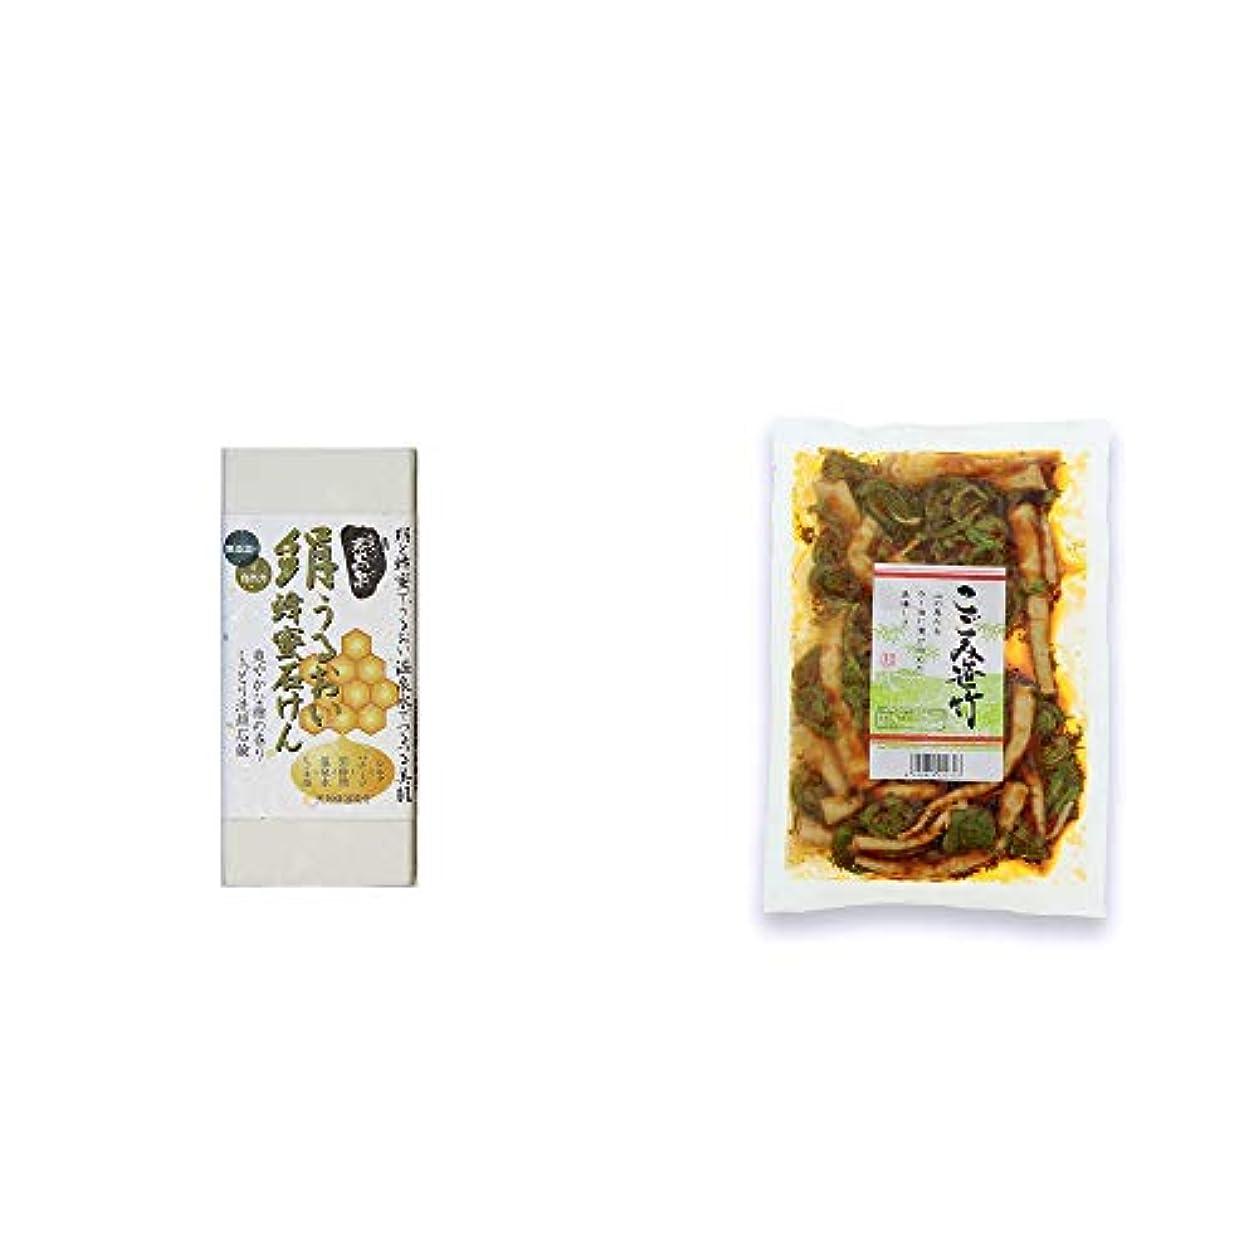 ジョガーコットン締める[2点セット] ひのき炭黒泉 絹うるおい蜂蜜石けん(75g×2)?こごみ笹竹(250g)